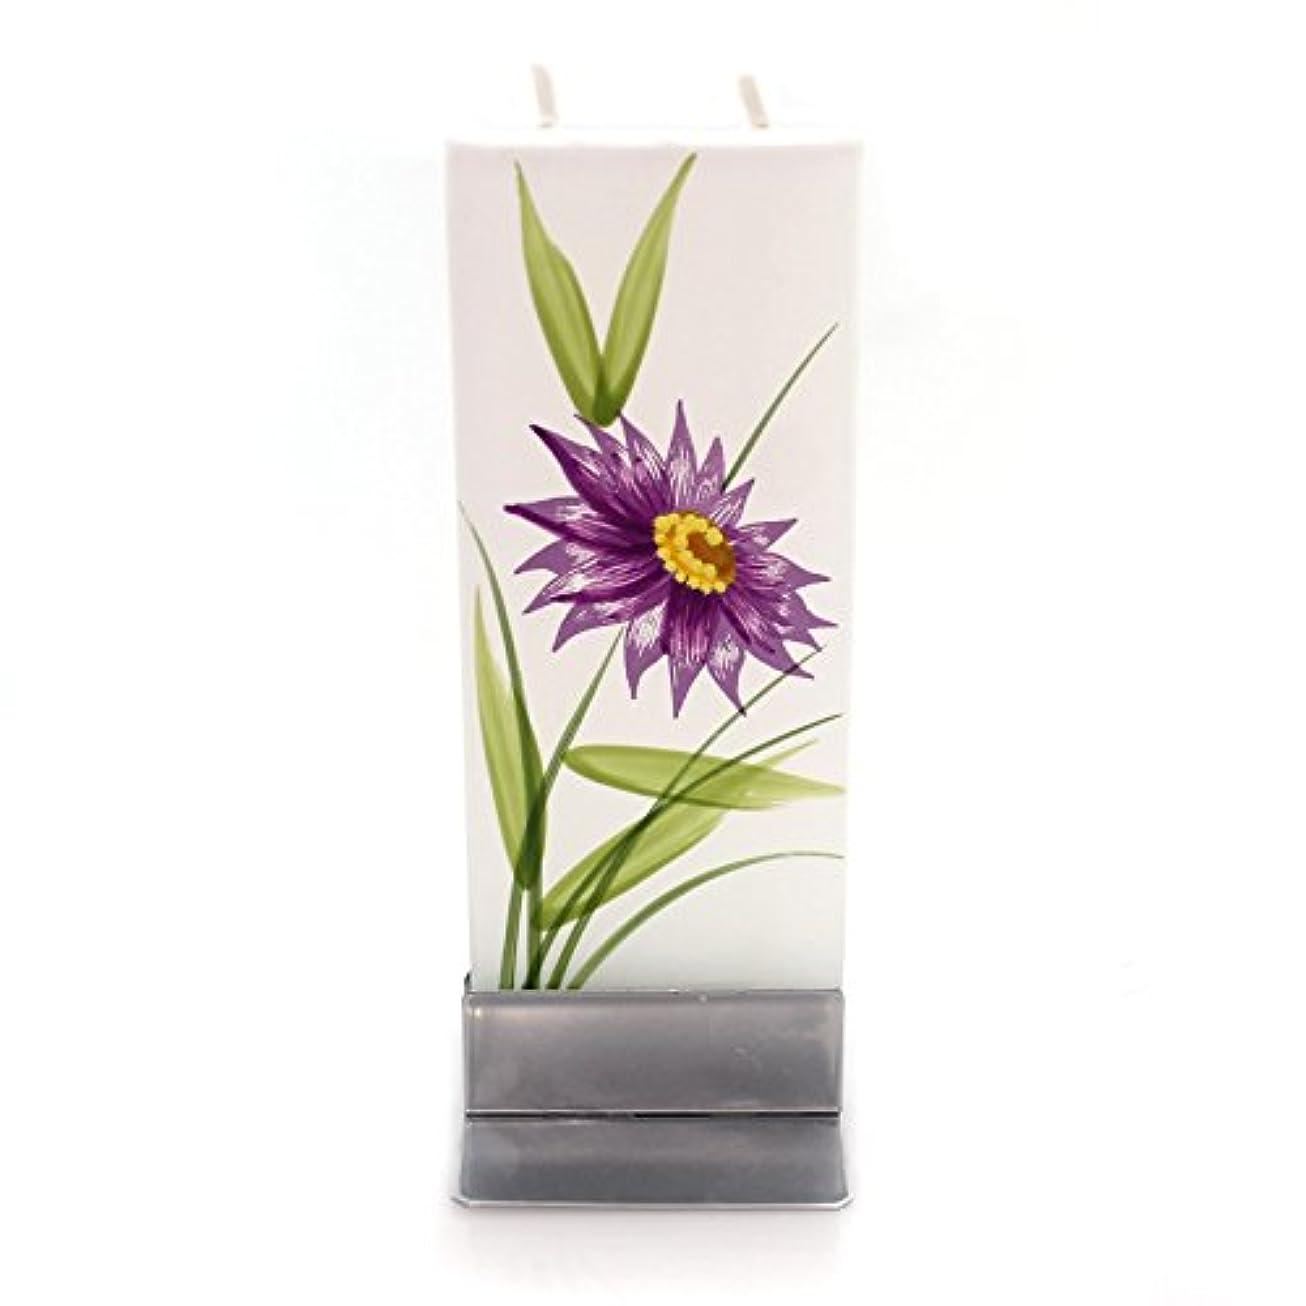 トラップ比喩教育ホームデコレーションパープル花W /イエローCentre Dripless Fragrance Free Candle f1640